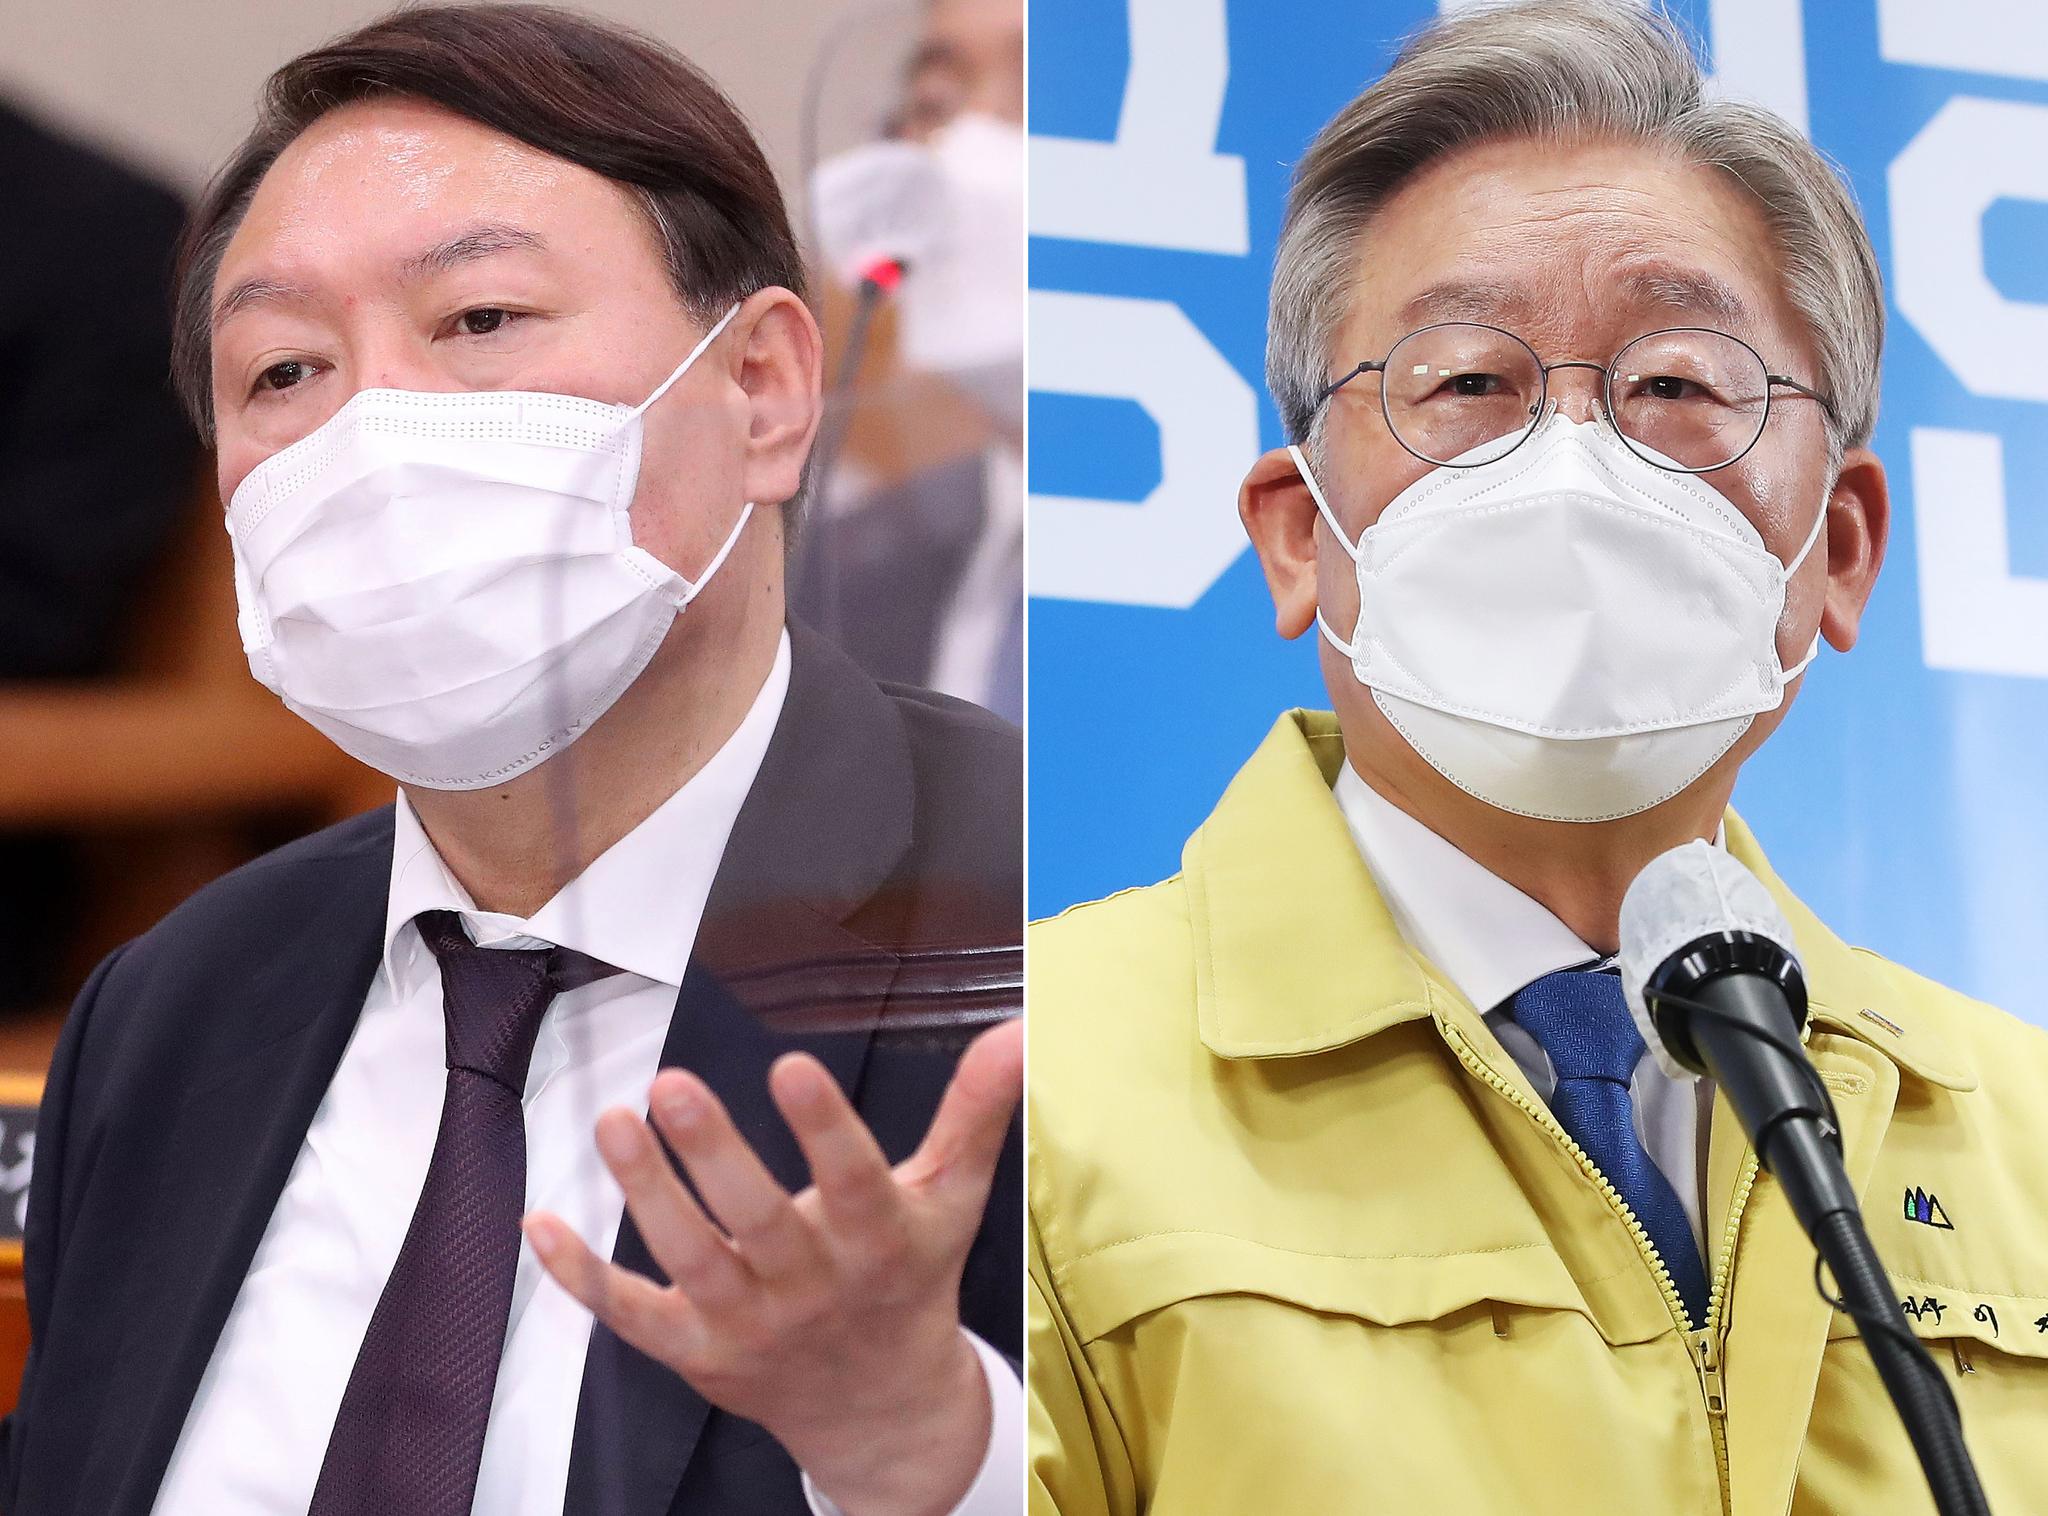 윤석열 전 검찰종장(왼쪽)과 이재명 경기지사. 오종택 기자, 연합뉴스